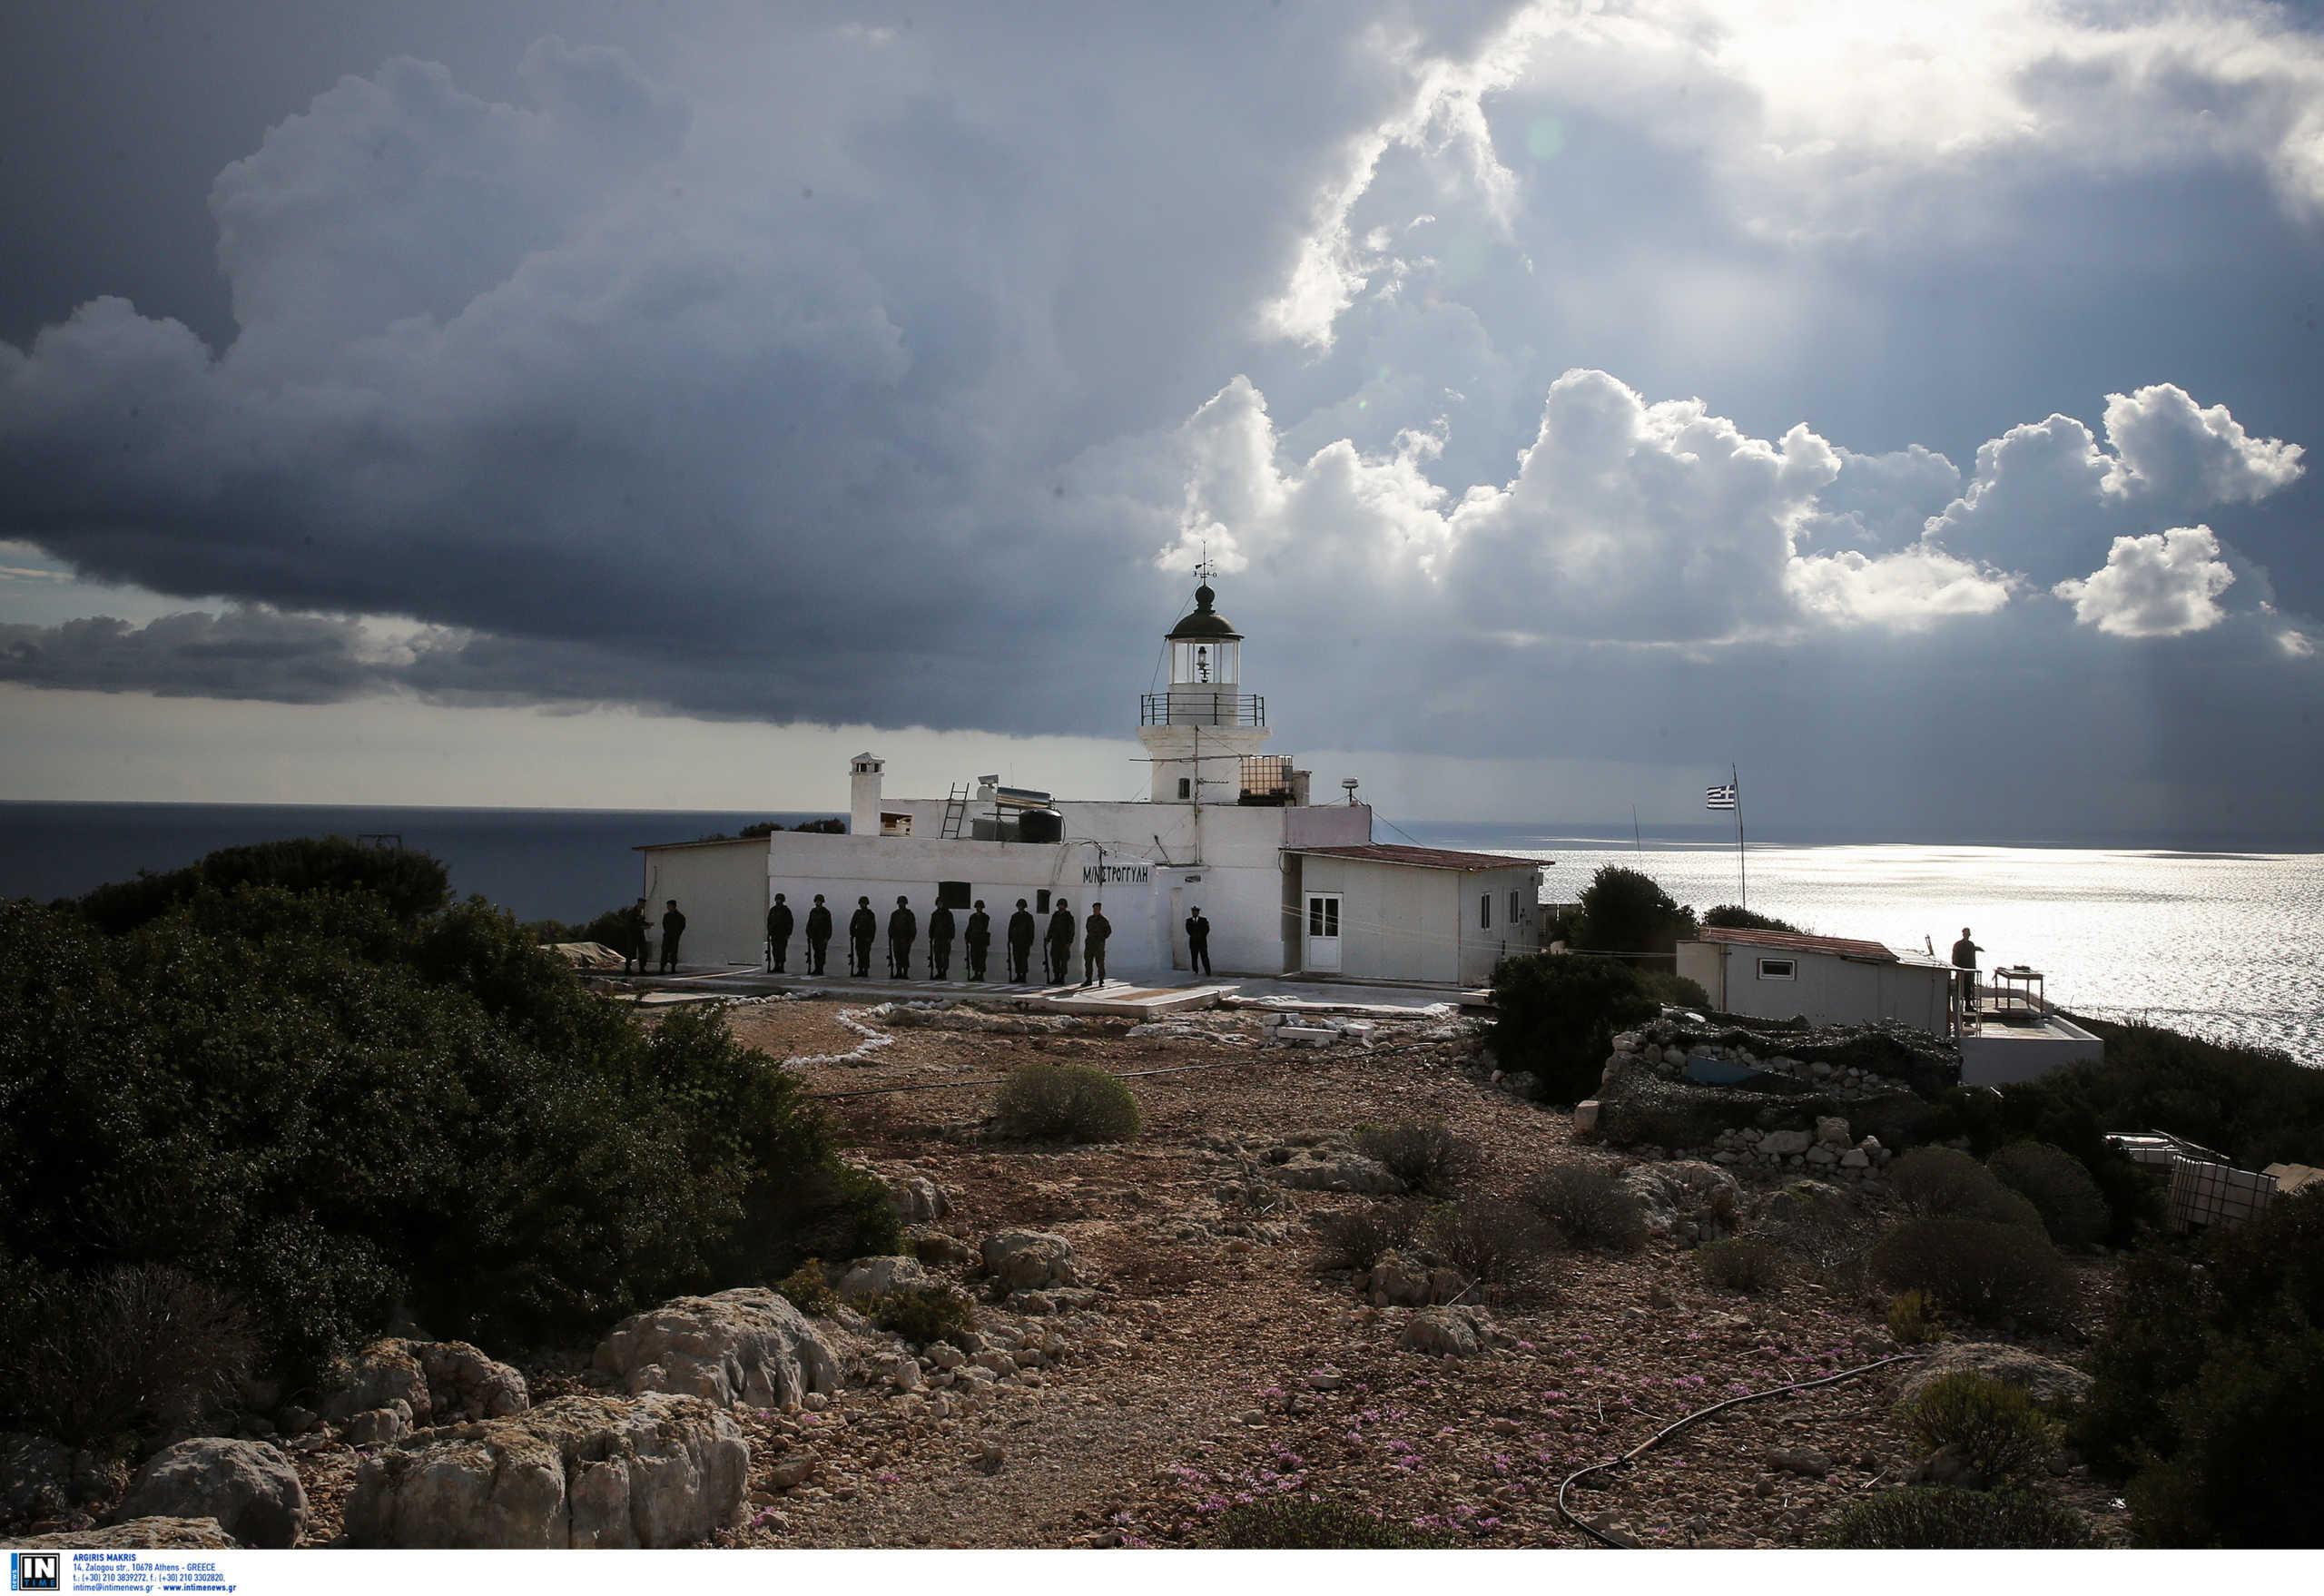 ελληνικό φυλάκιο στη Στρογγύλη Πολεμικό Ναυτικό